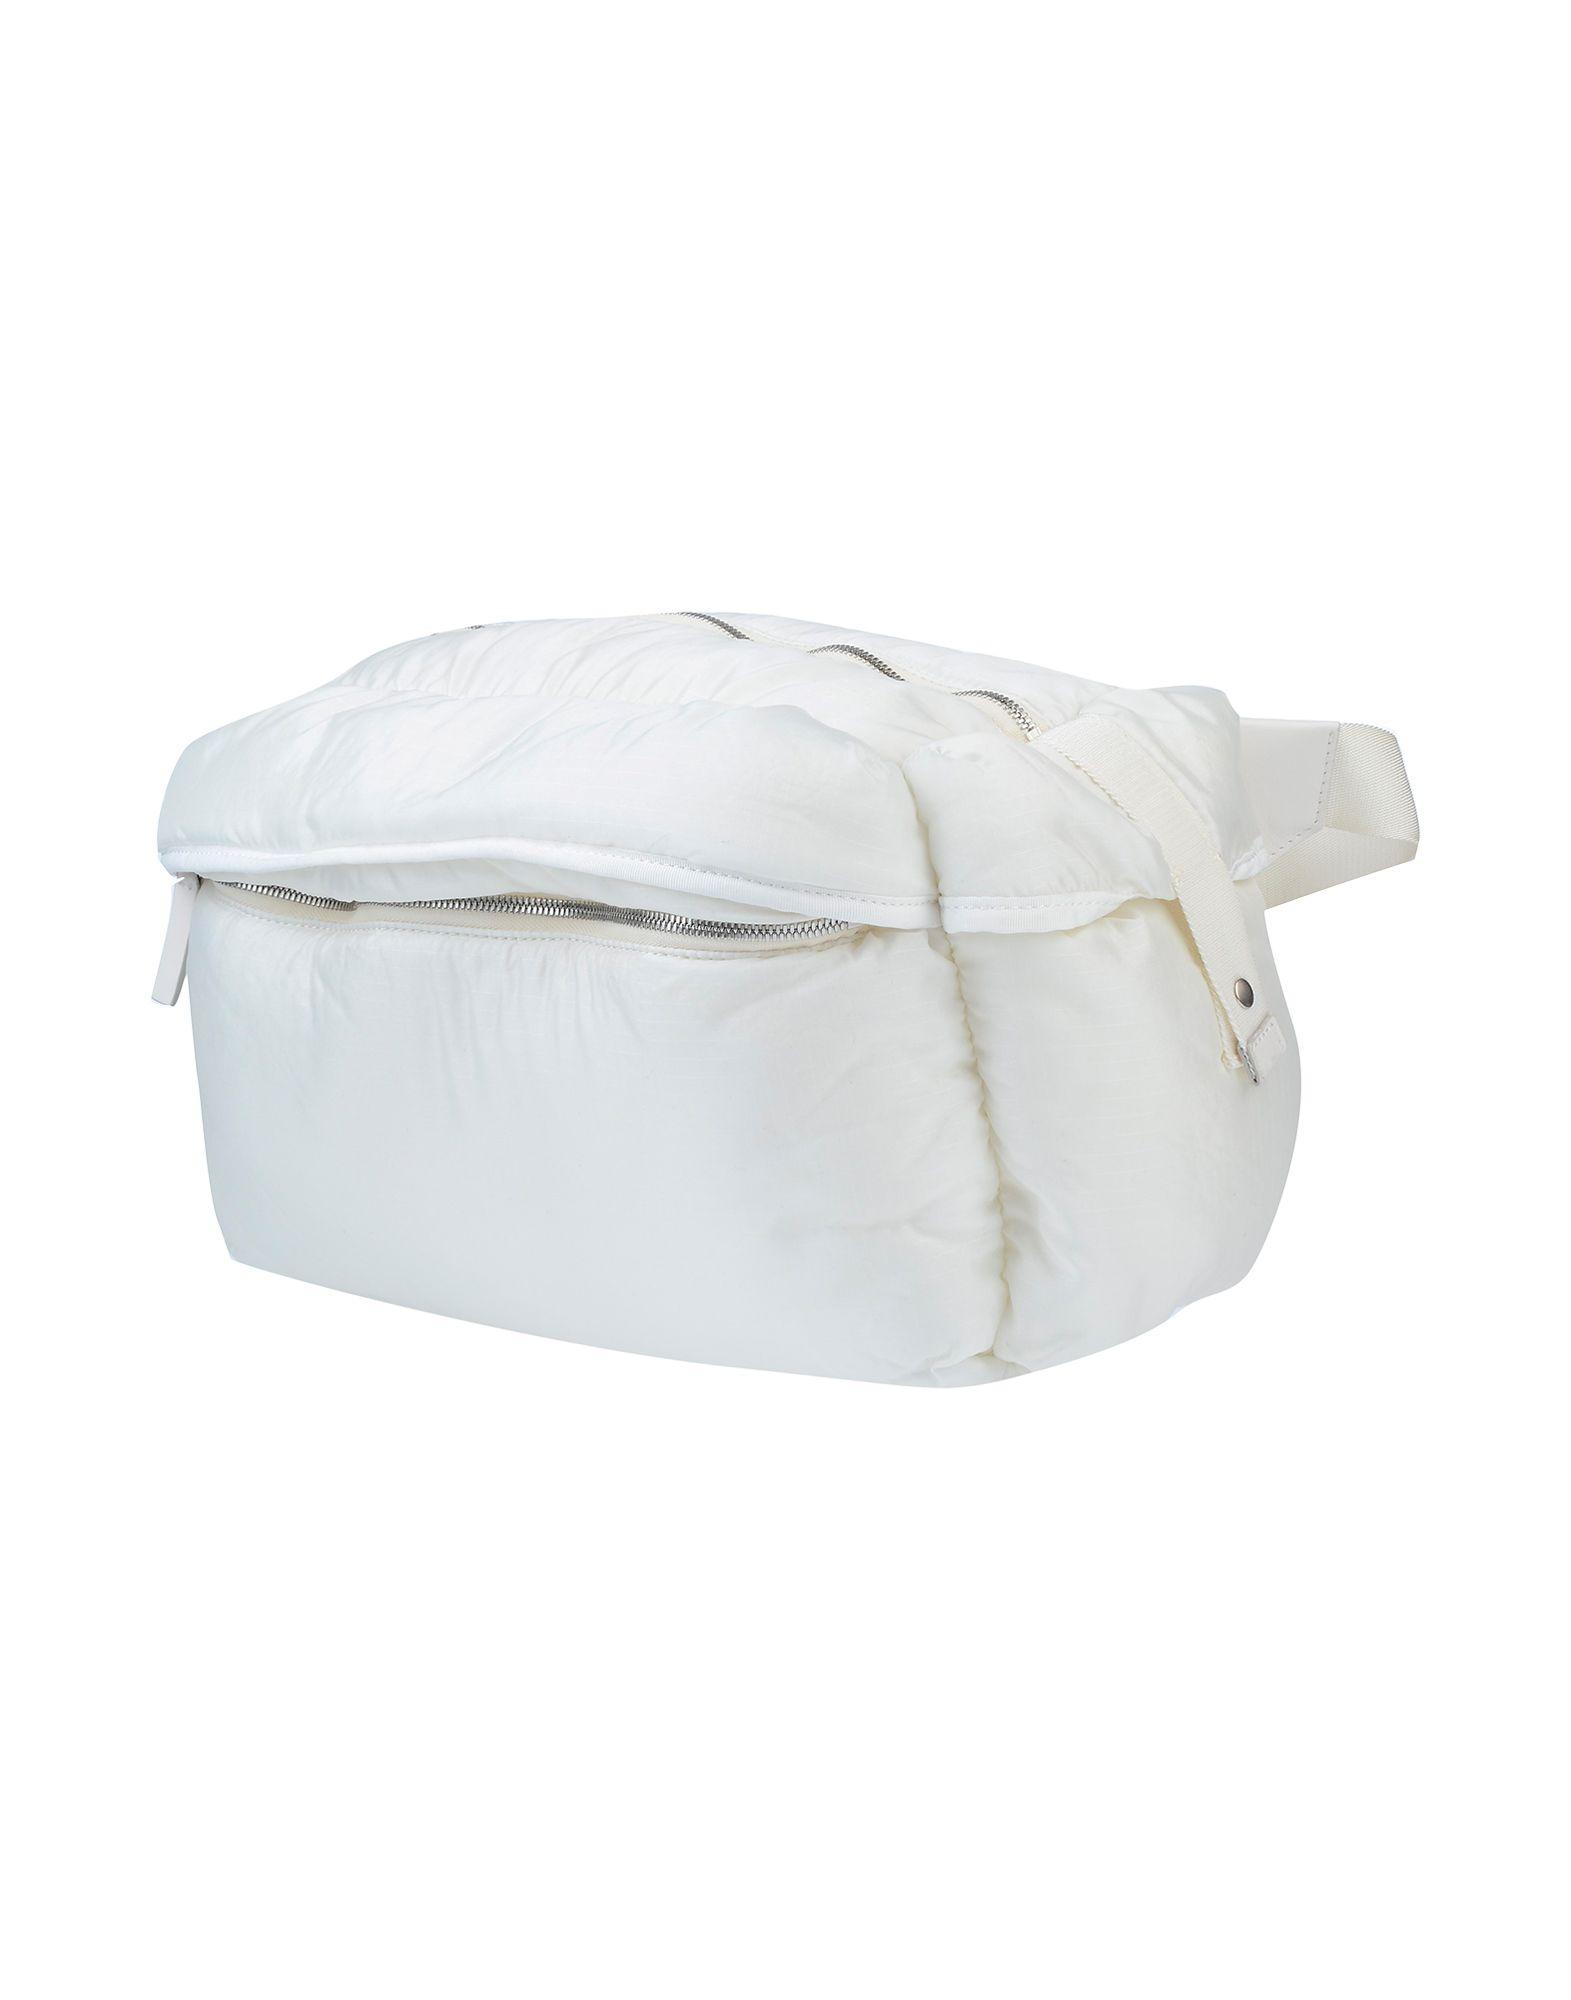 JIL SANDER Рюкзаки и сумки на пояс цена и фото